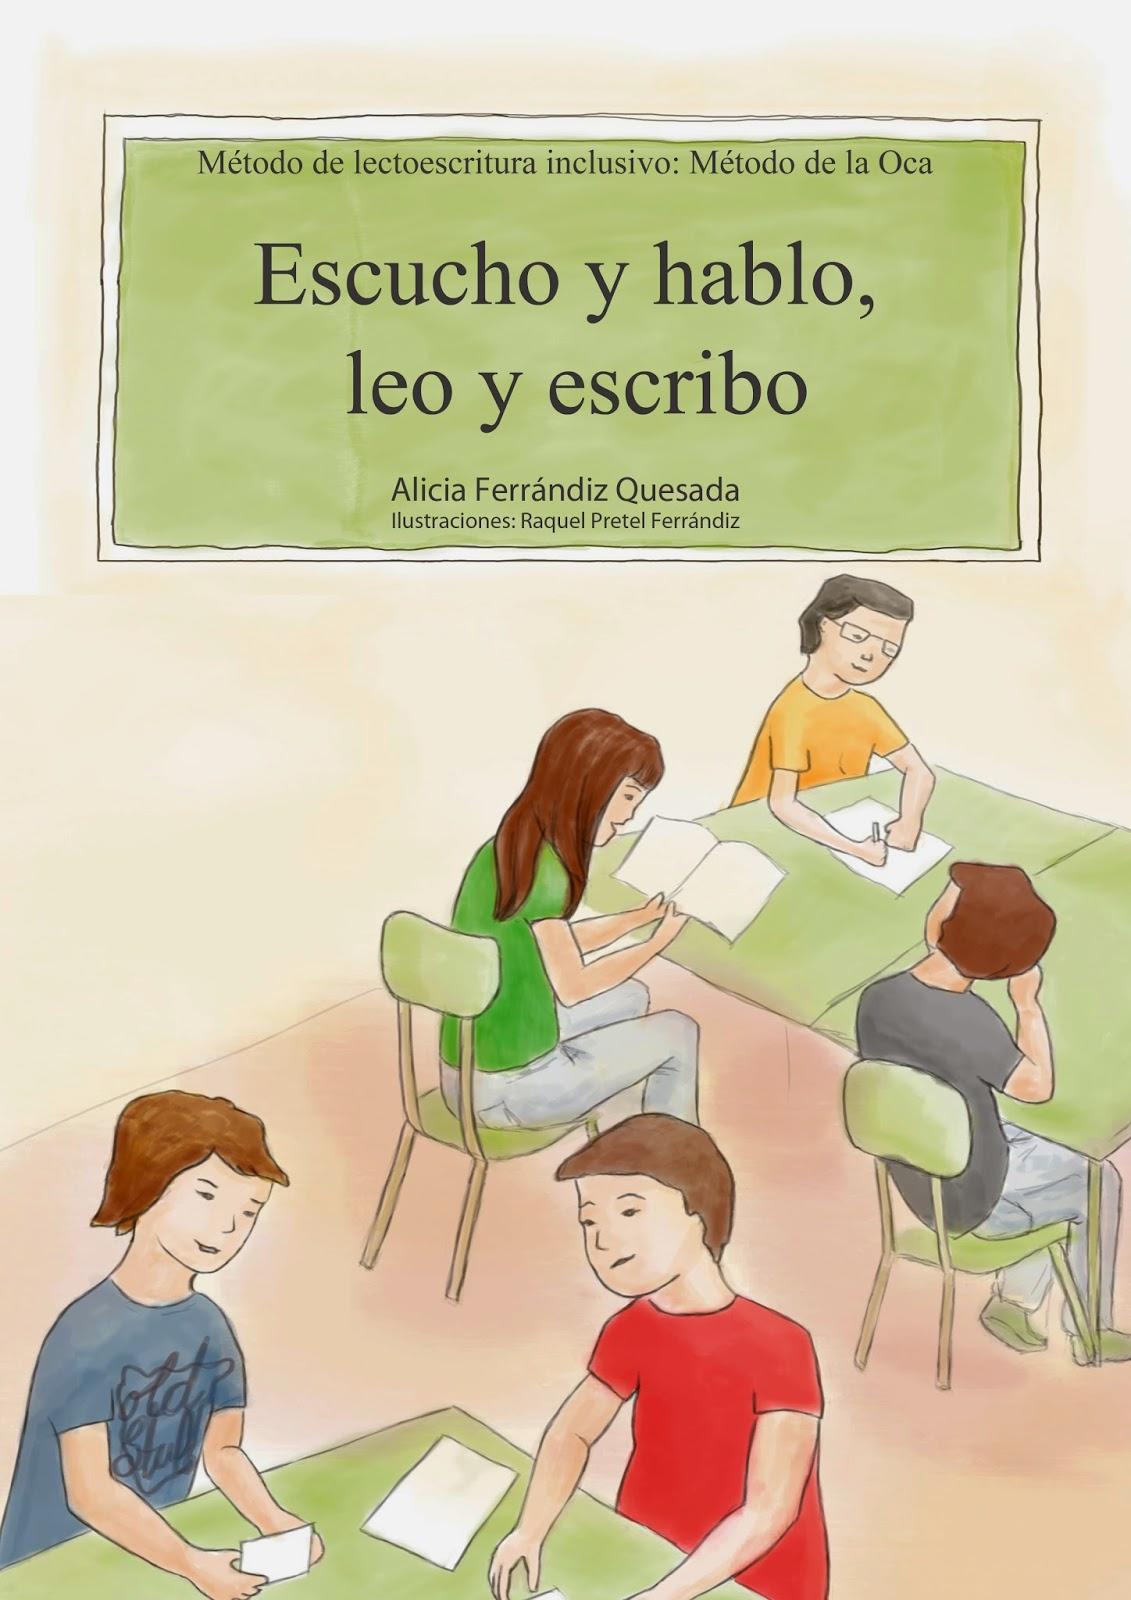 http://bookstore.palibrio.com/Products/SKU-000612288/Escucho-y-hablo-leo-y-escribo.aspx